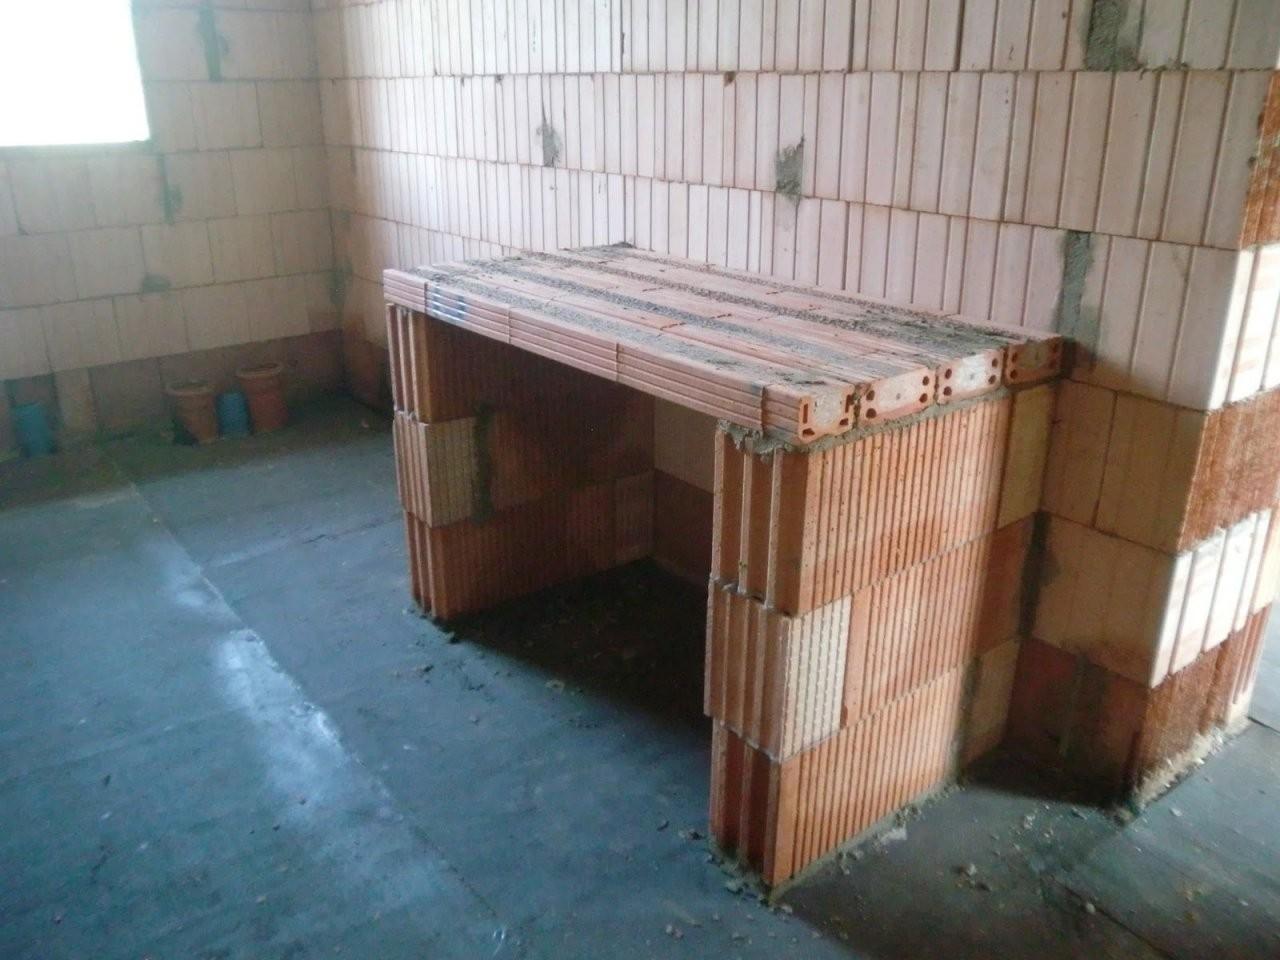 Sockel Für Waschmaschine  Waschmaschinen Podest Bauen  Ihr von Waschmaschinen Podest Selber Bauen Holz Bild